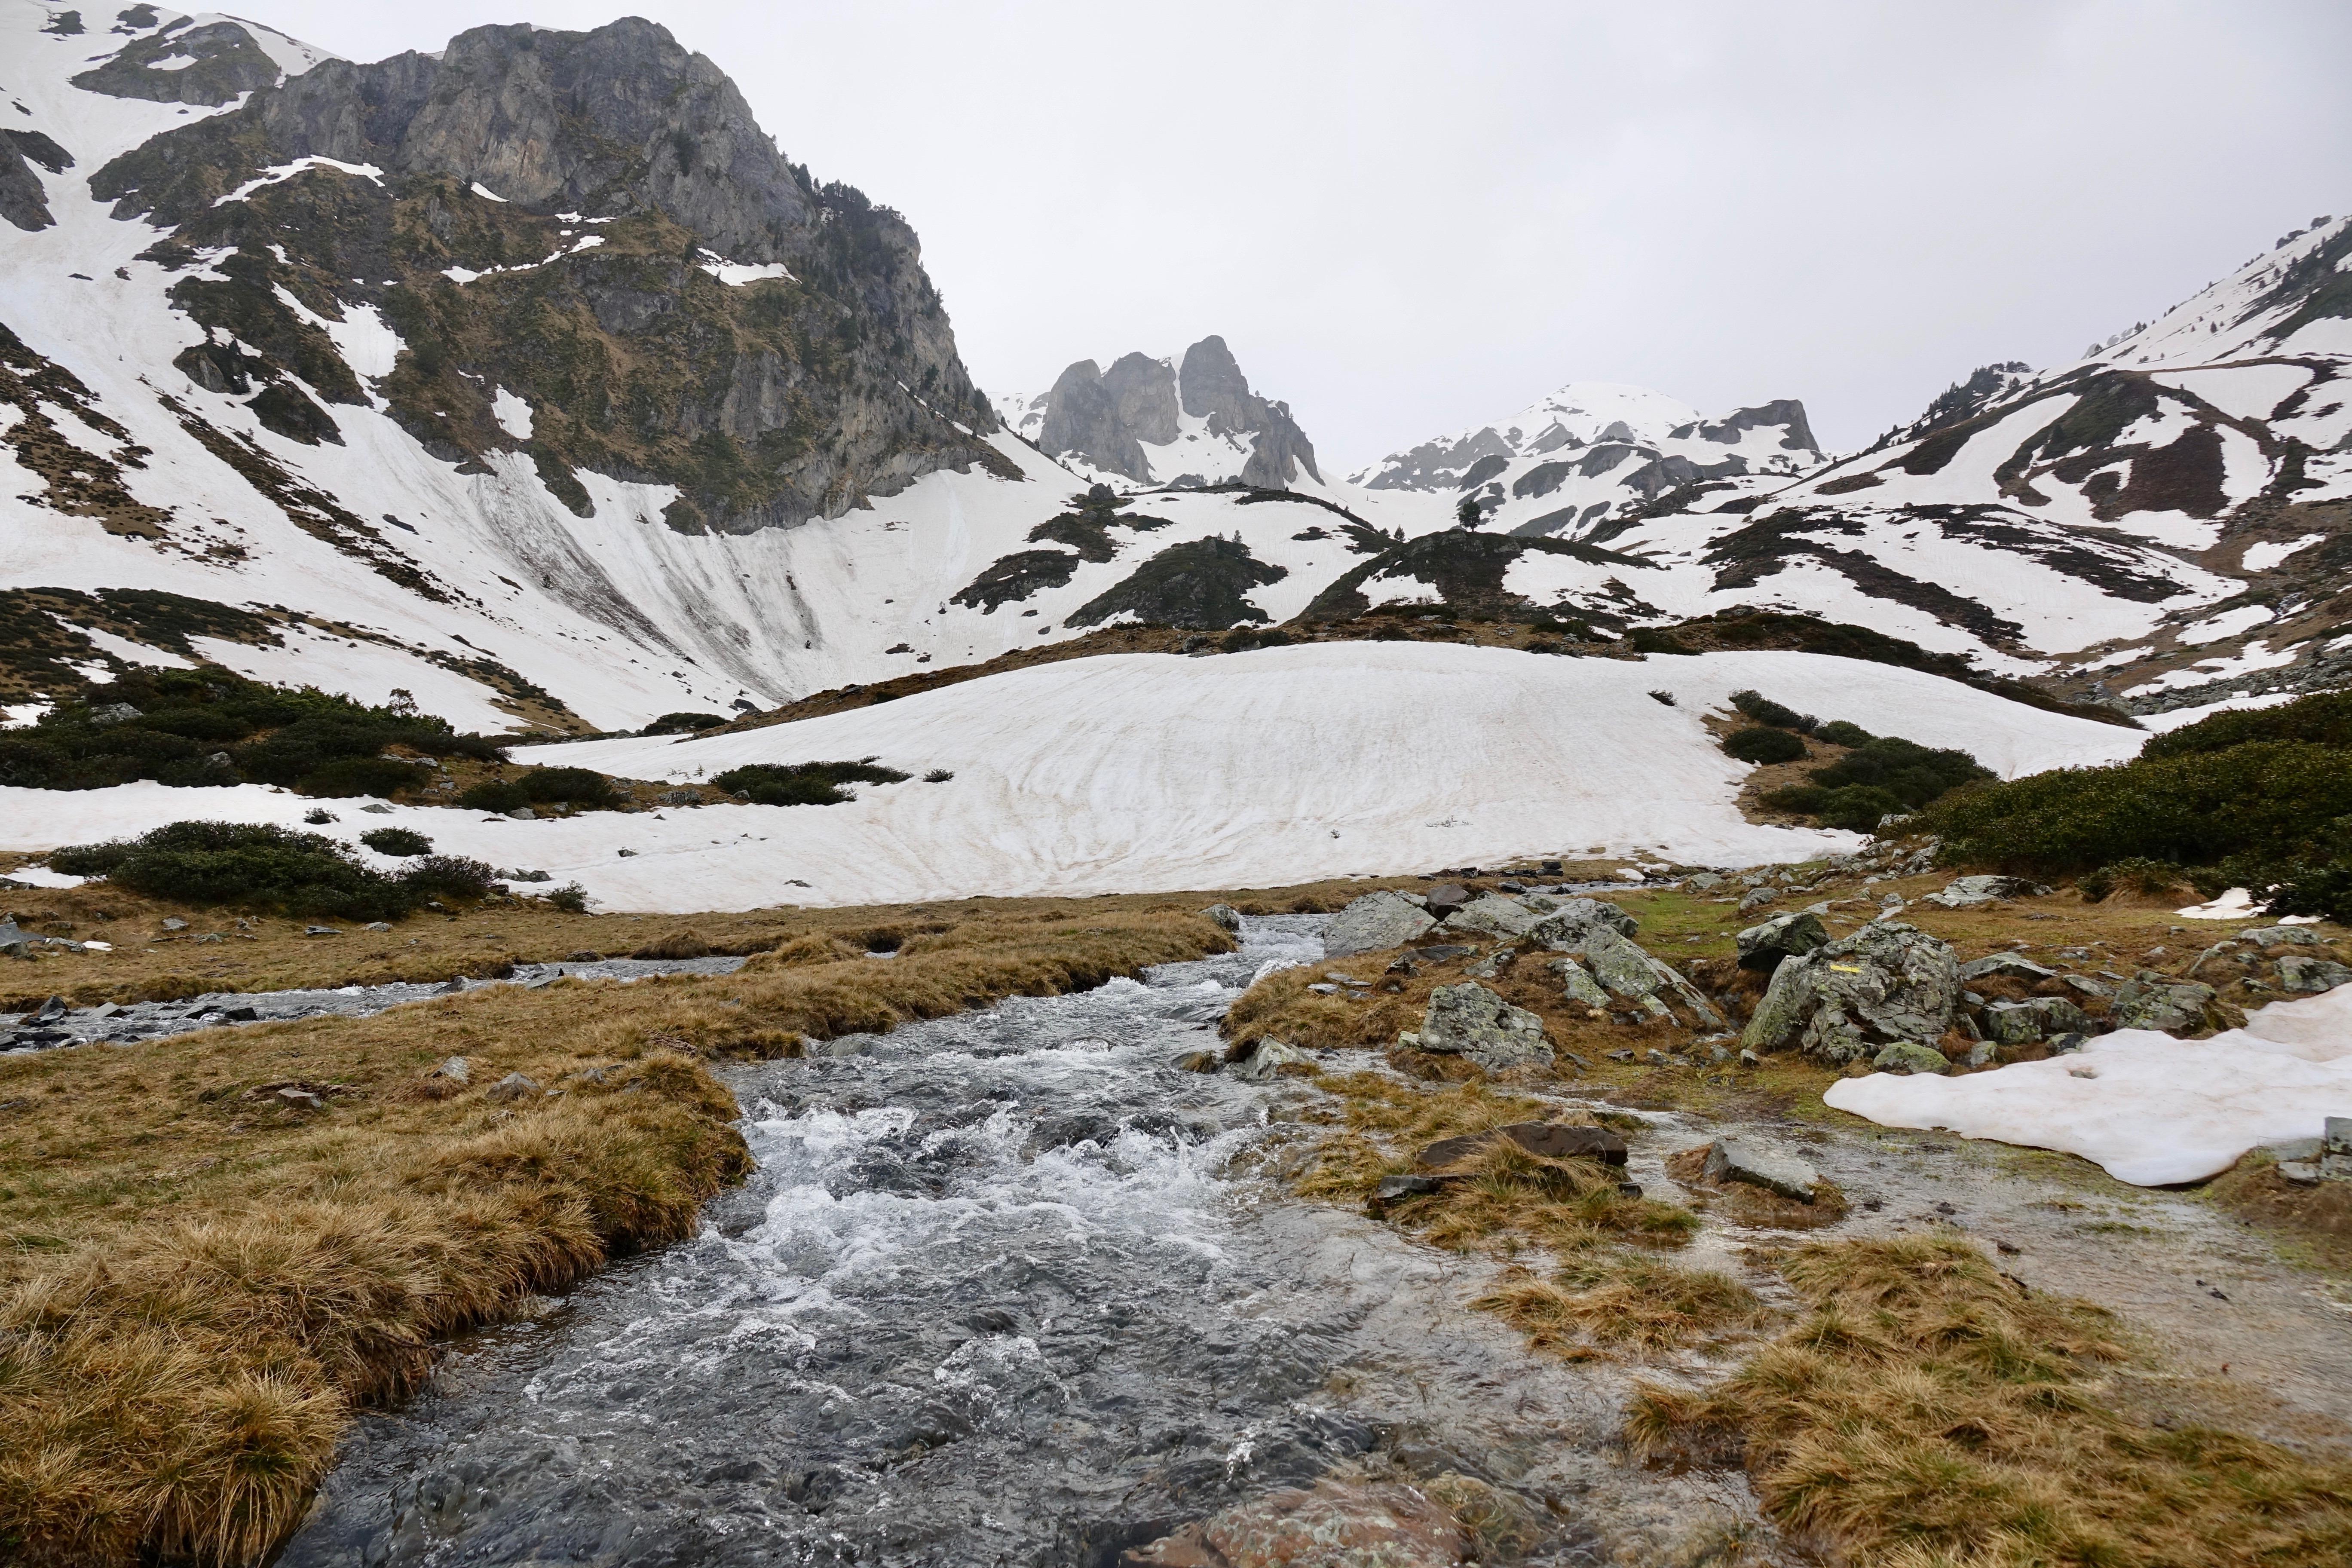 La rivière le Lavedan